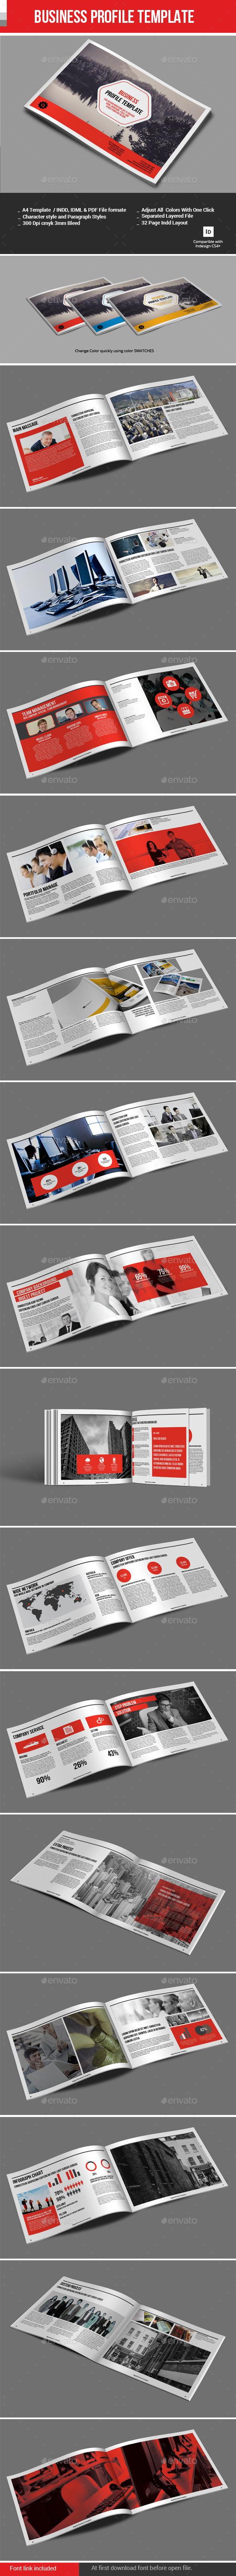 Business Profile Template - Corporate Brochures